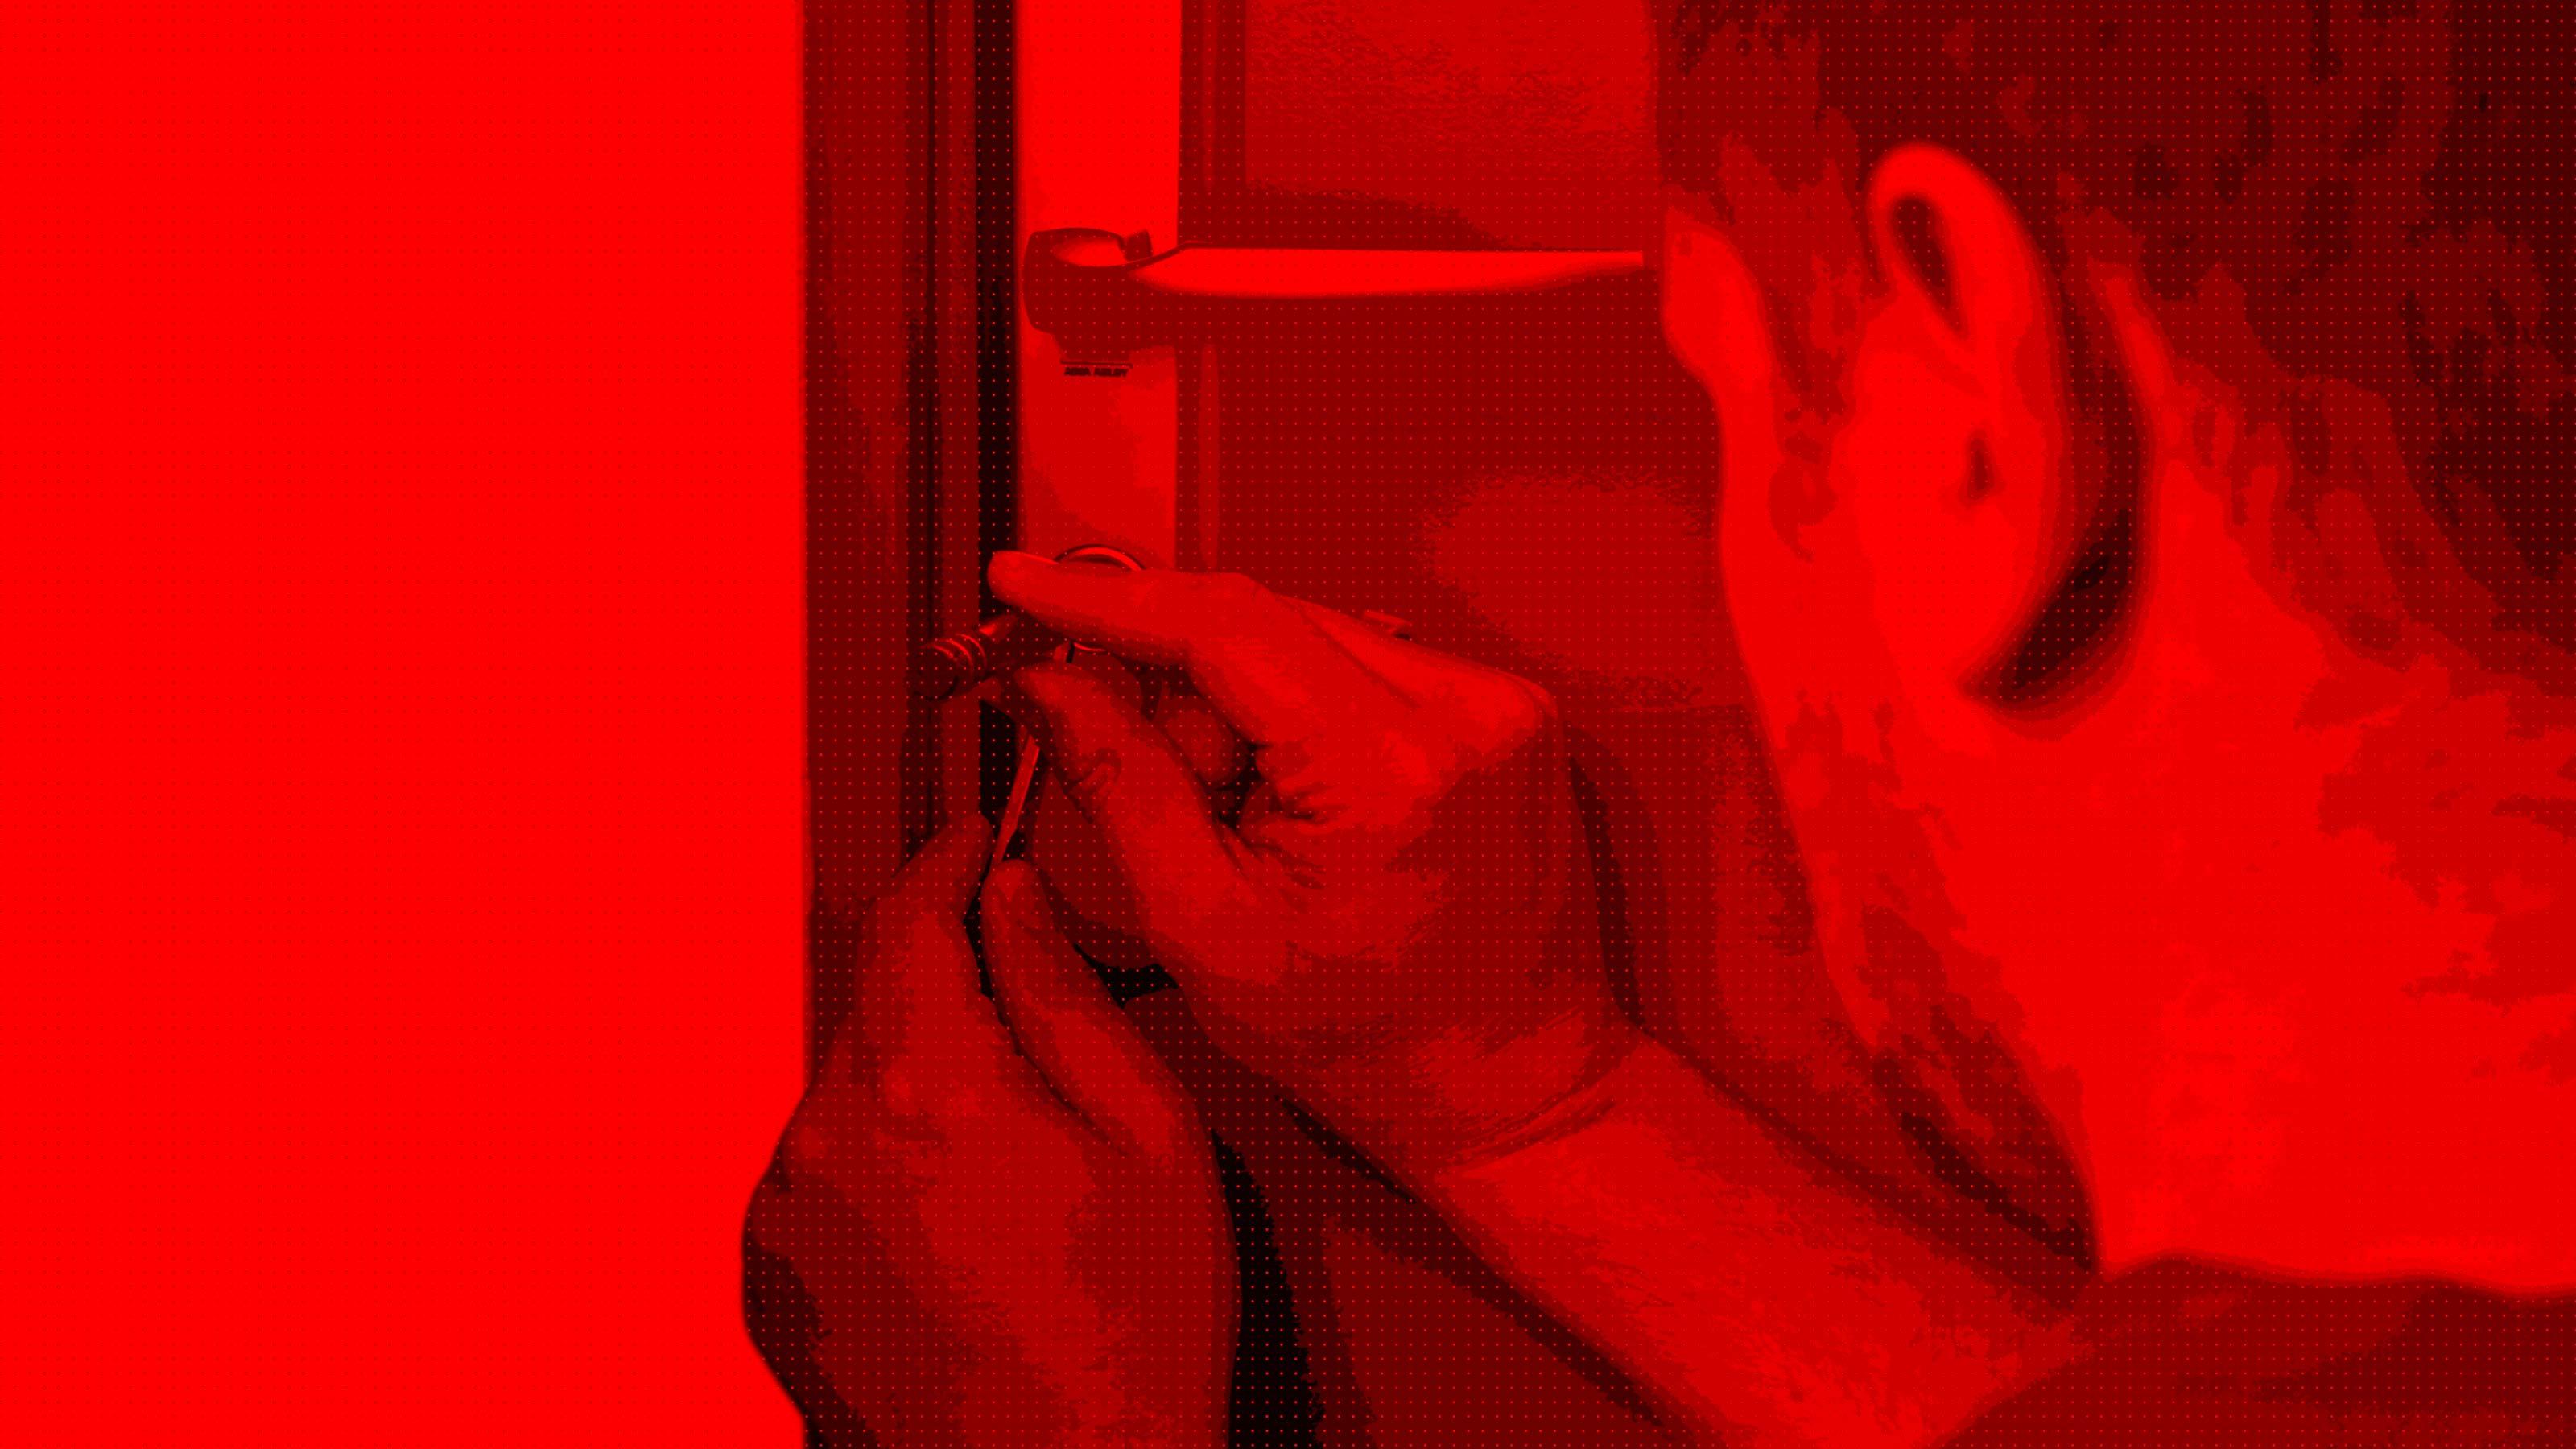 Un serrurier d'Ouverture Minute entrain de crocheter une serrure